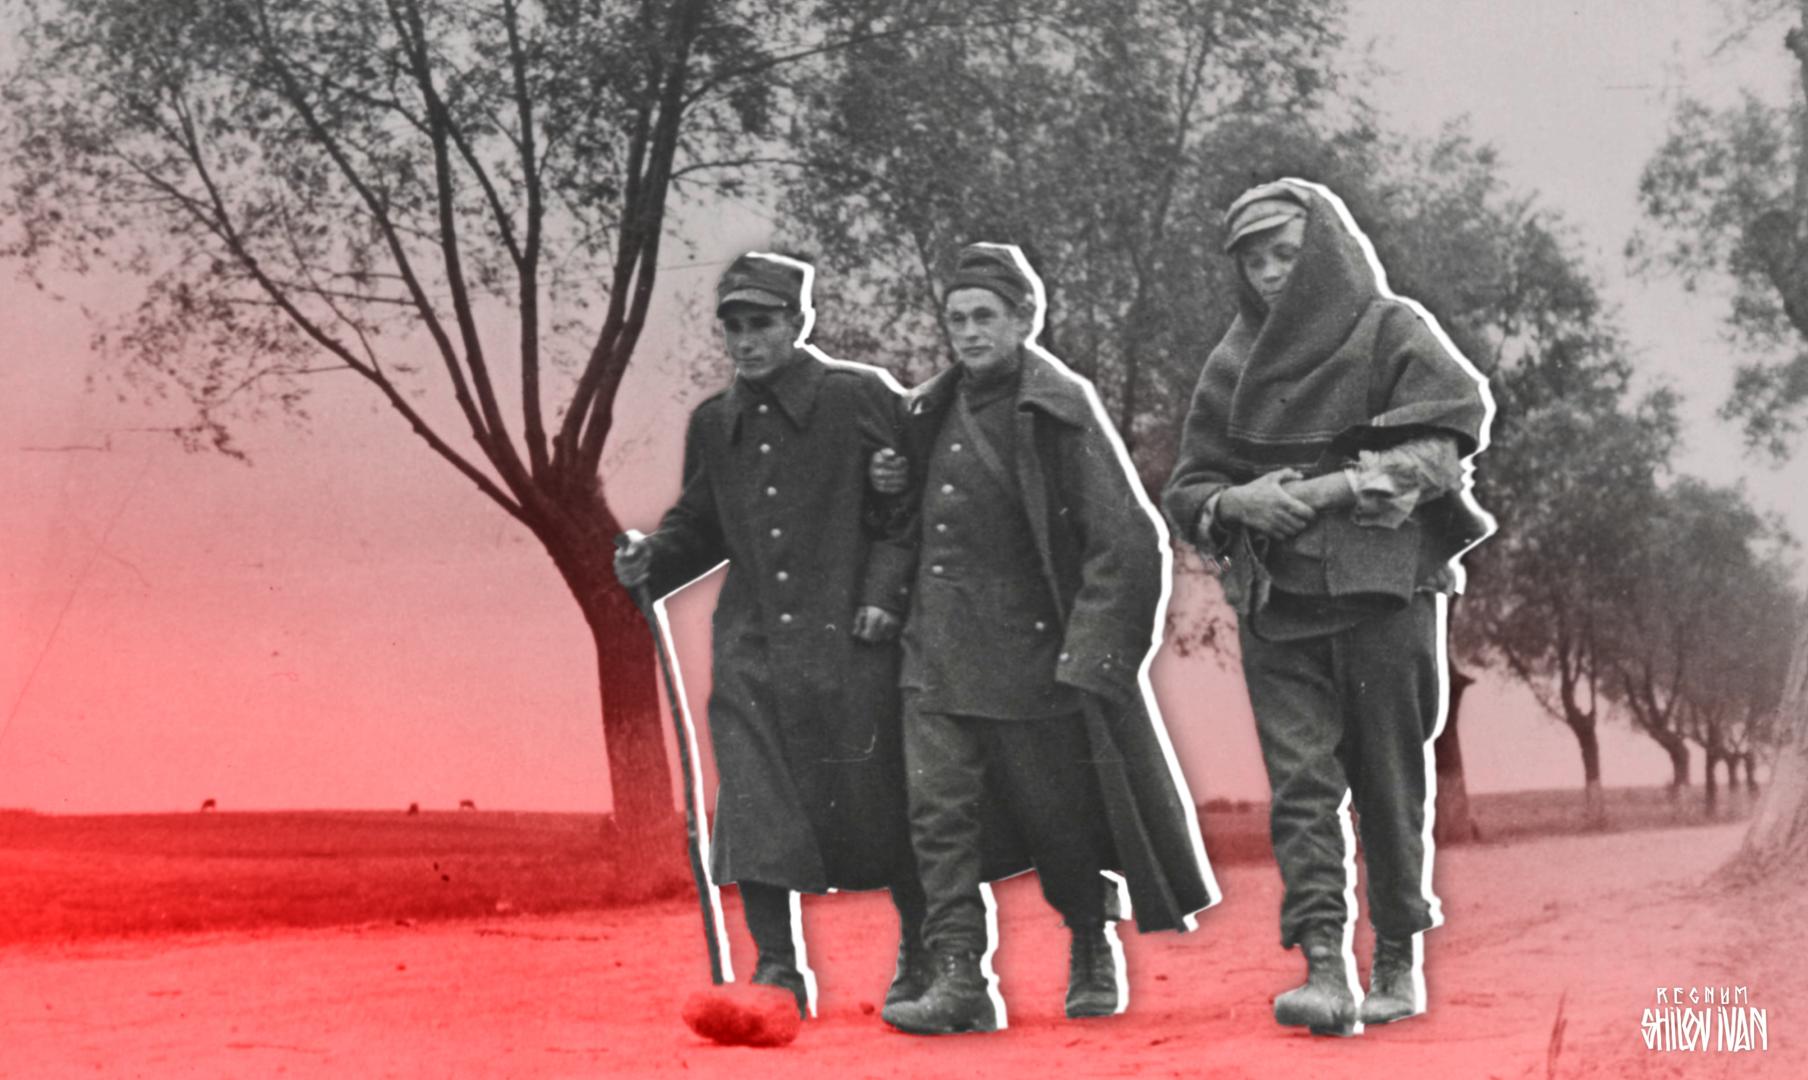 В Беларуси сегодня отмечают очередную годовщину воссоединения Западной Беларуси и БССР